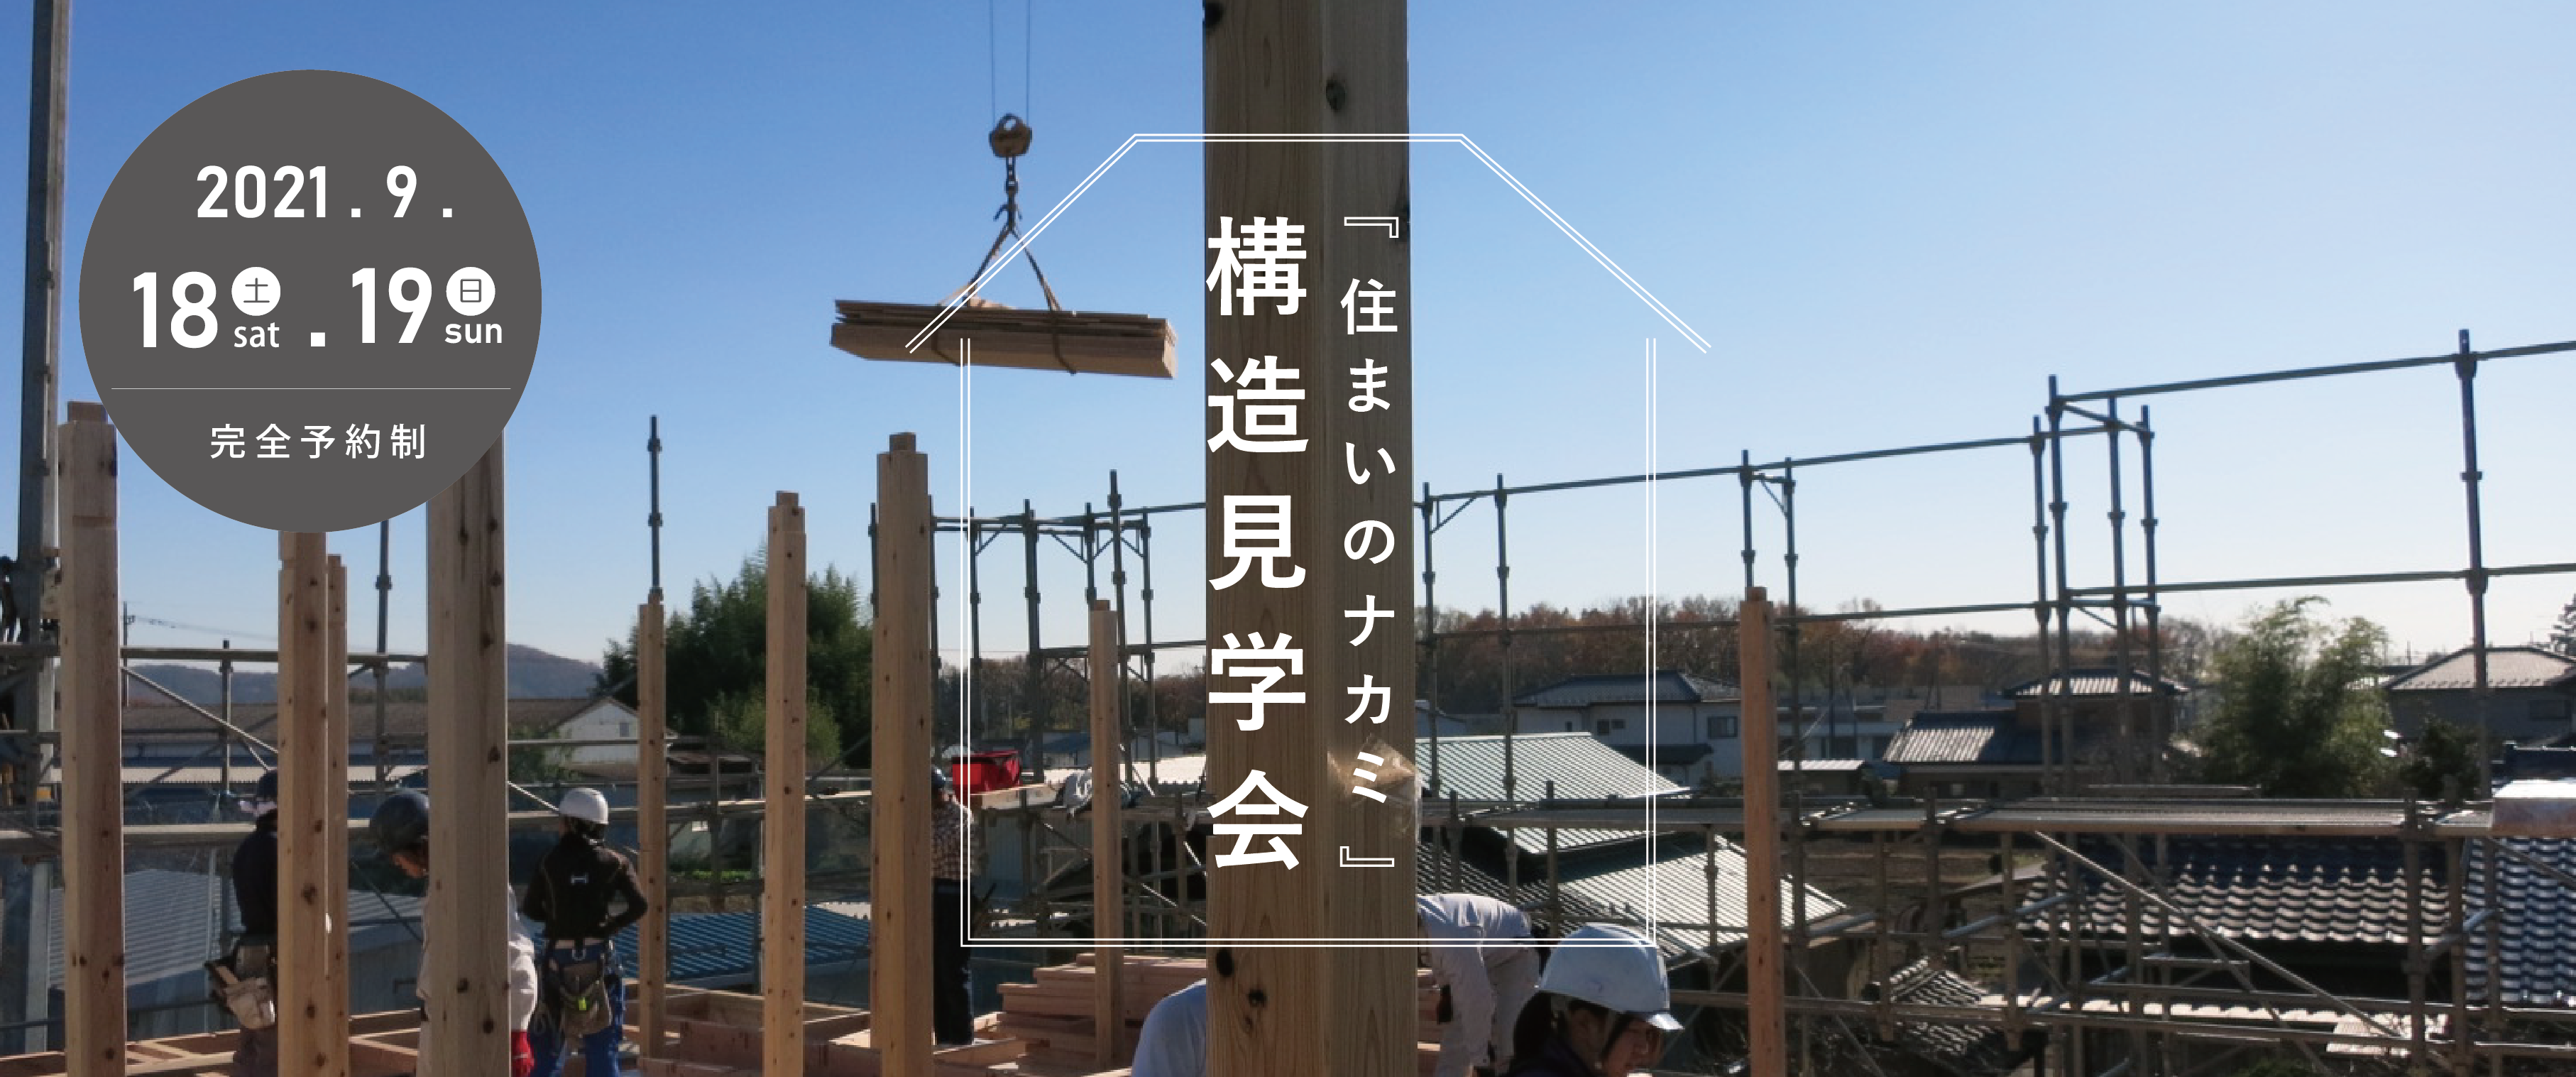 team-K風間工務店